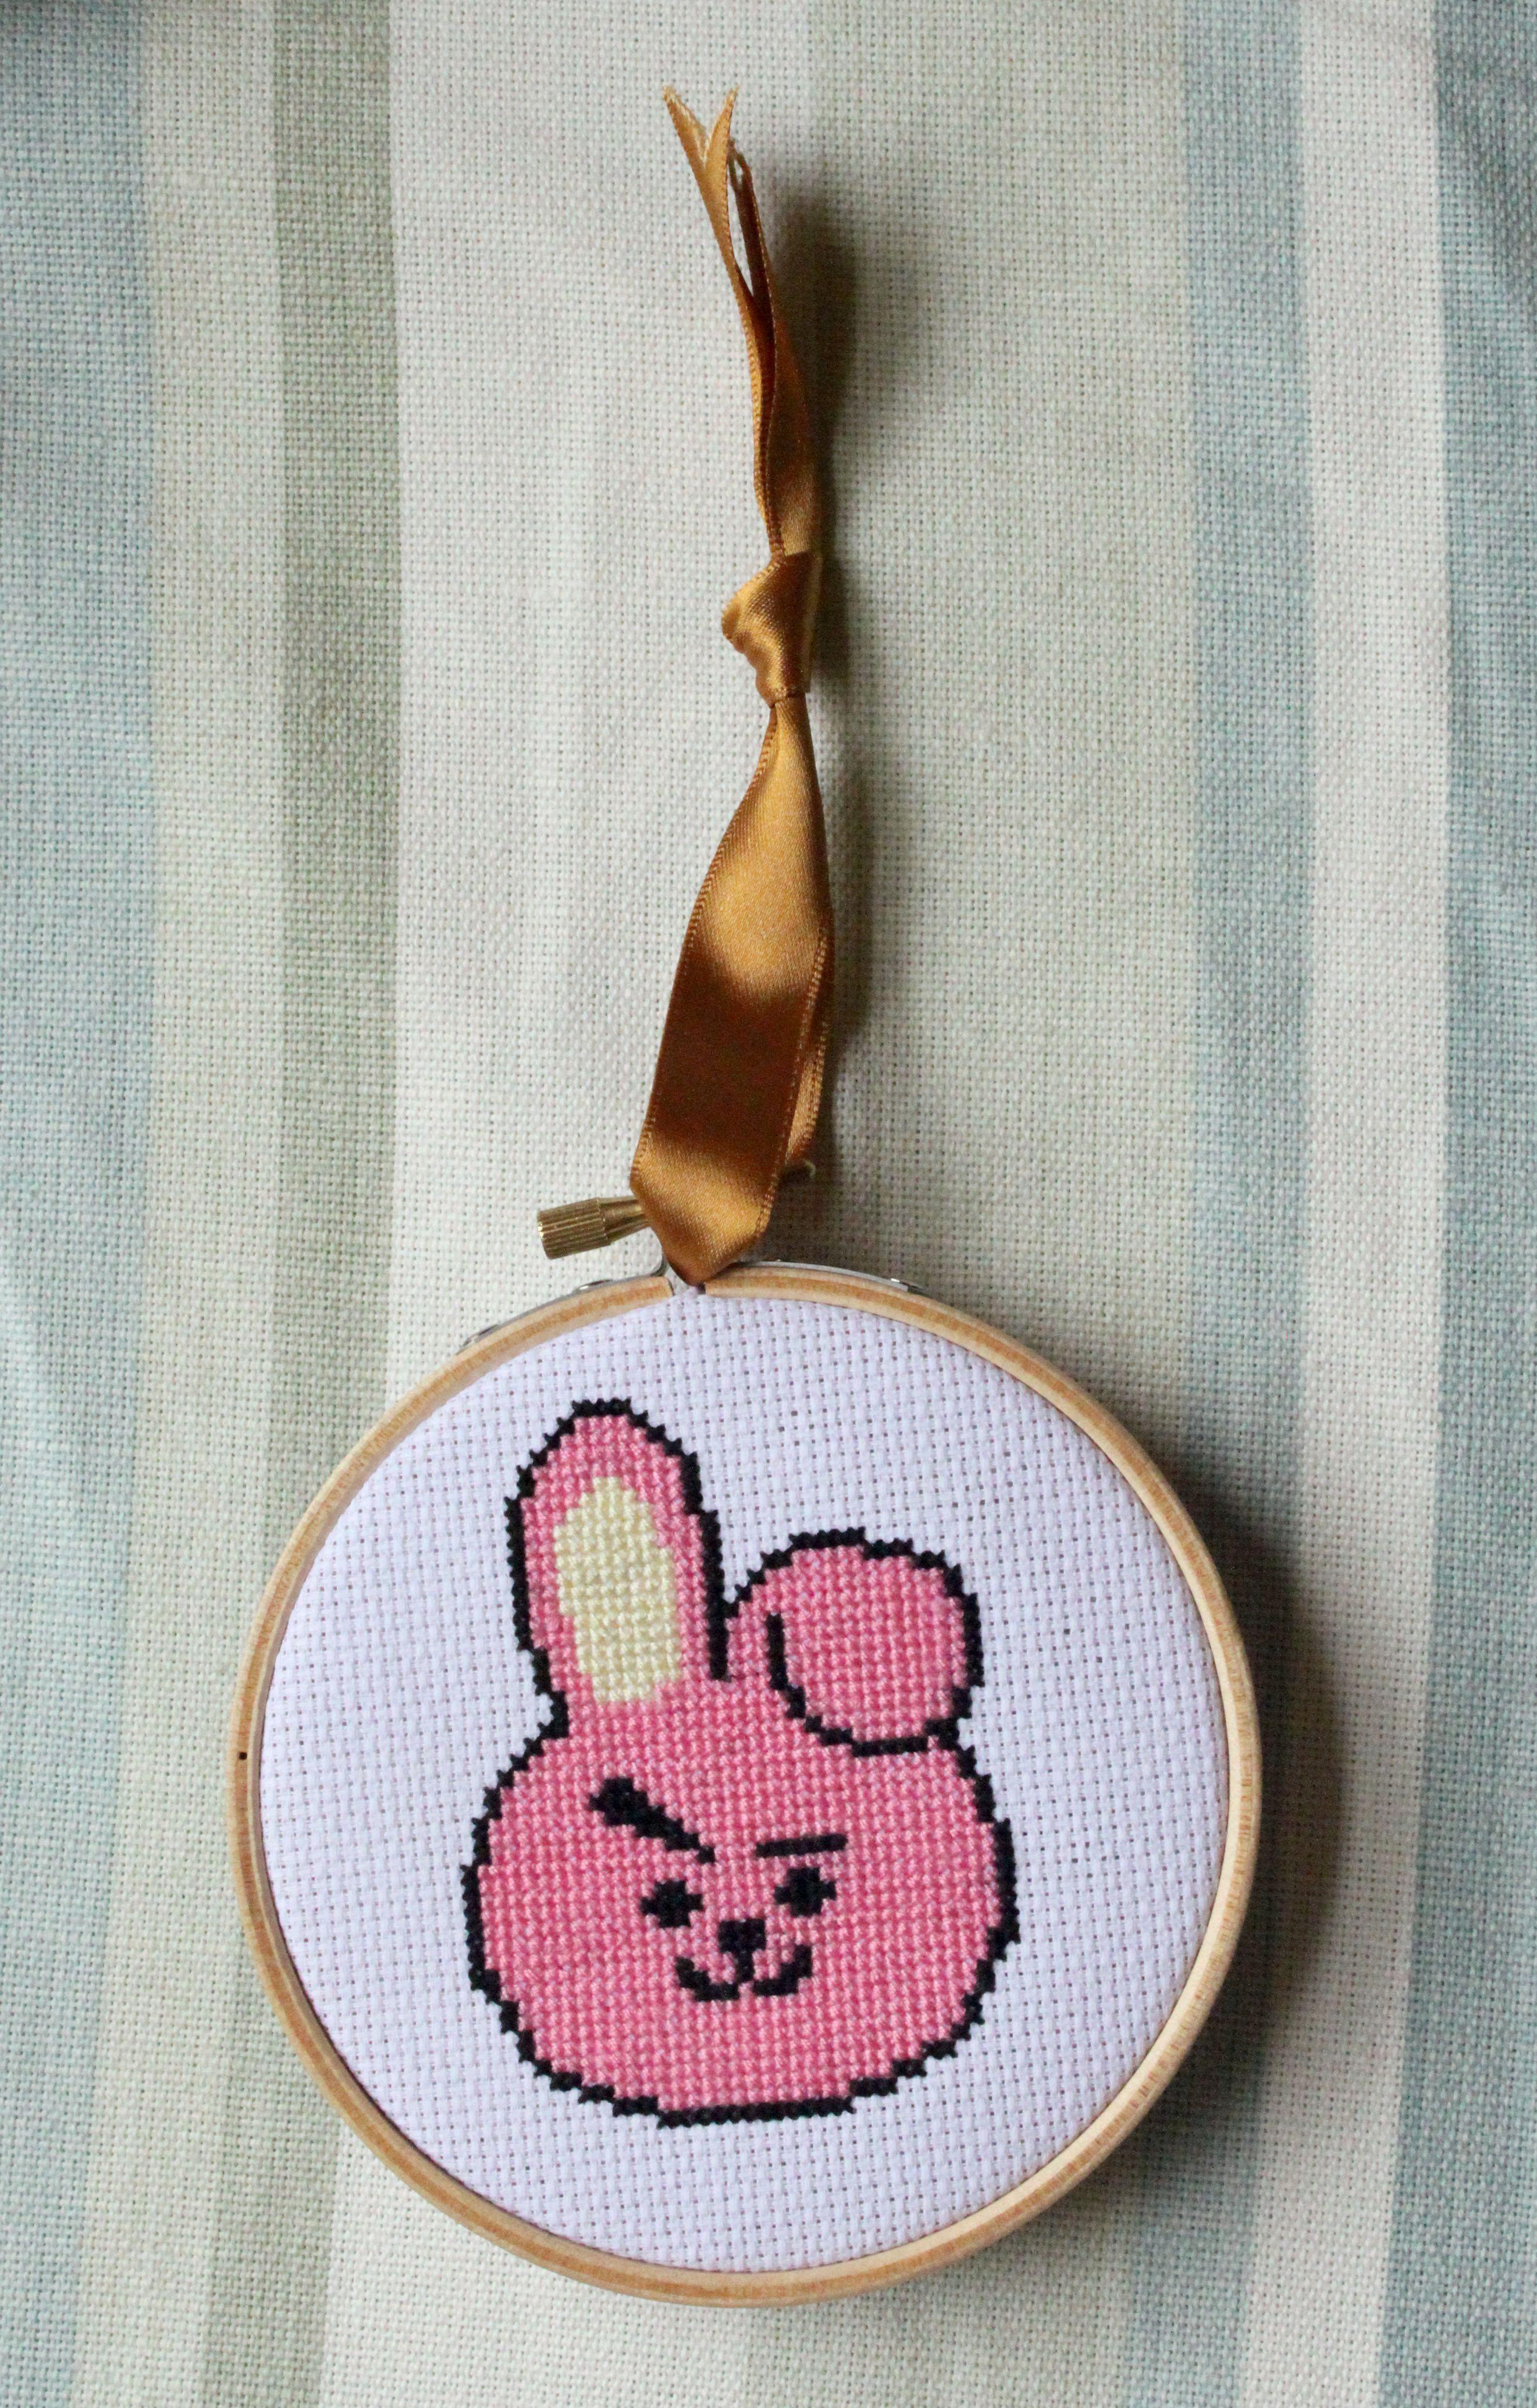 Cooky bt21 bts bangtan boys kpop kpop cross stitch line